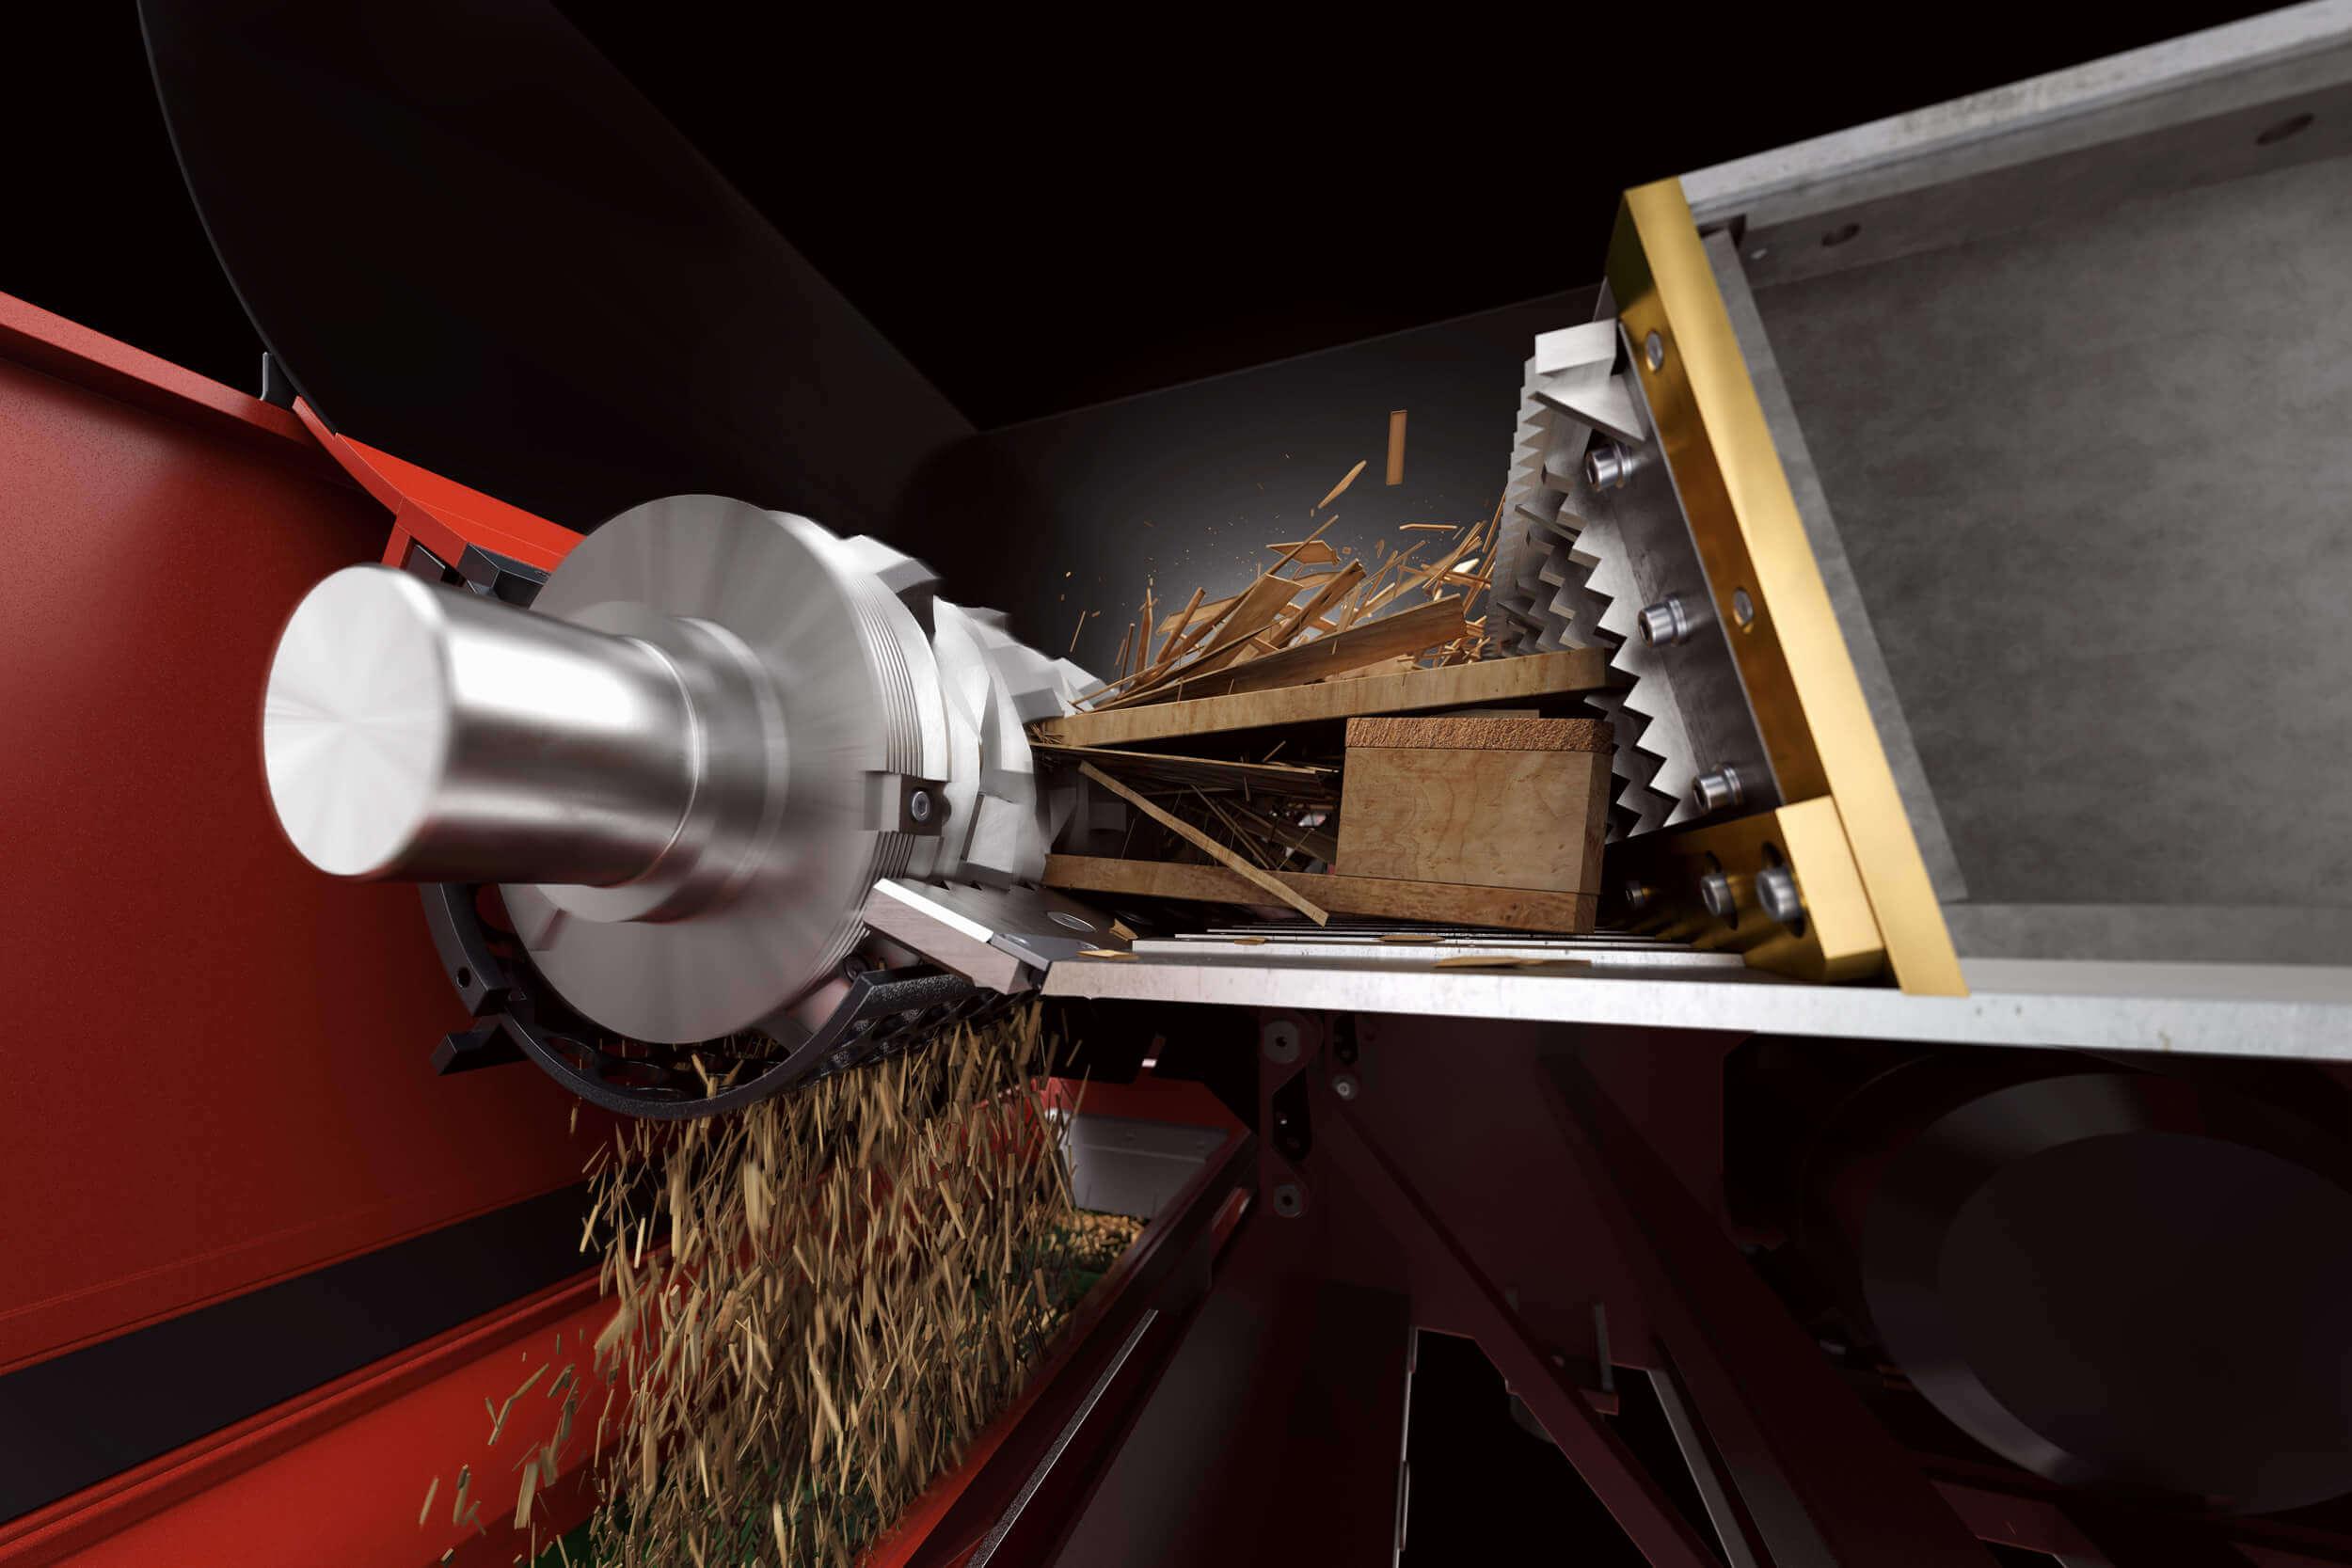 Gerendertes Bild des Zerkleinerungsprozesses mit Schublade, Rotor, Sieb und zerkleinertem Holz